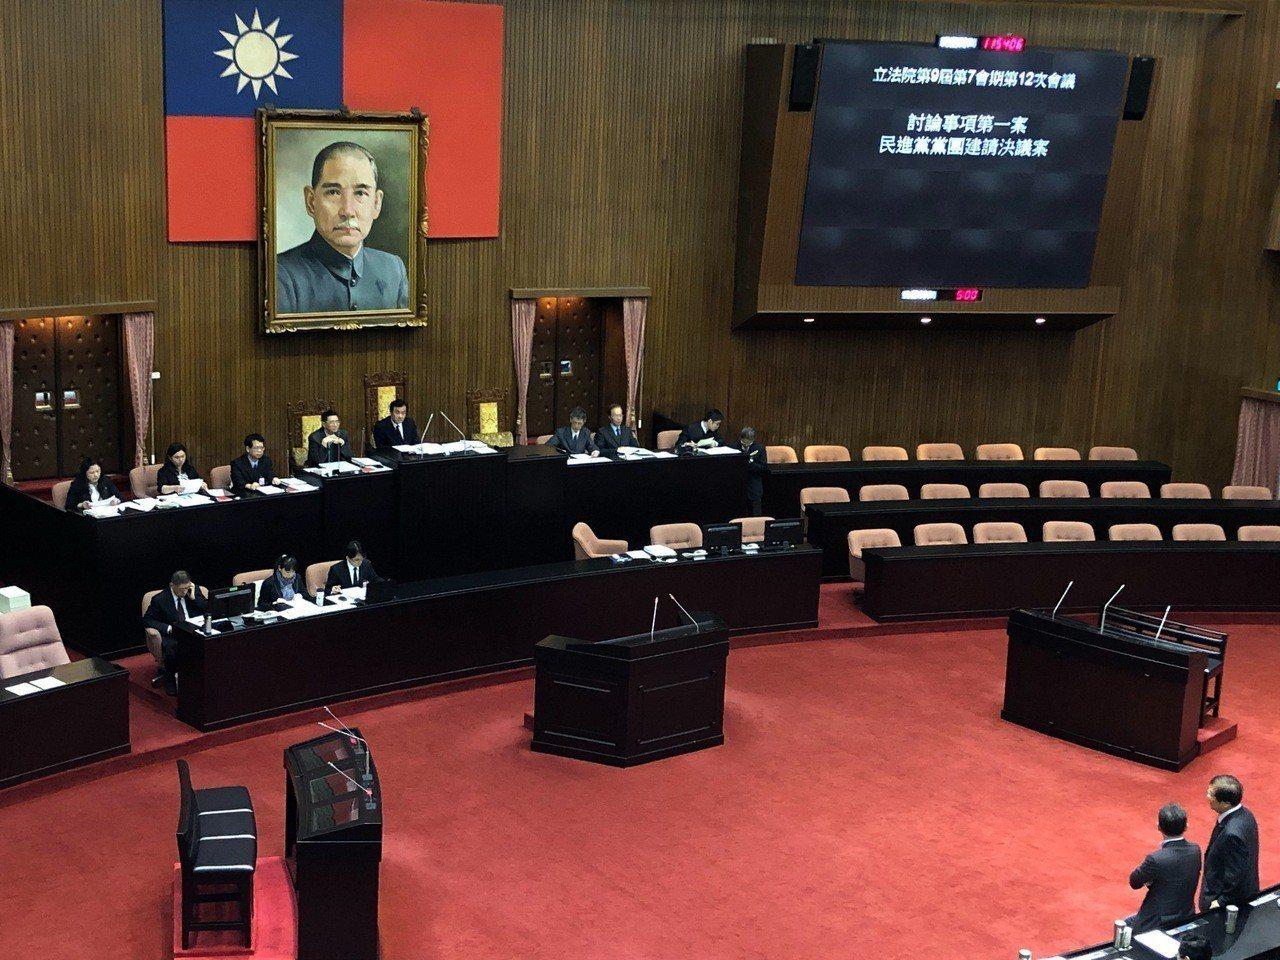 立法院審查民進黨團提出決議案。記者張文馨/攝影